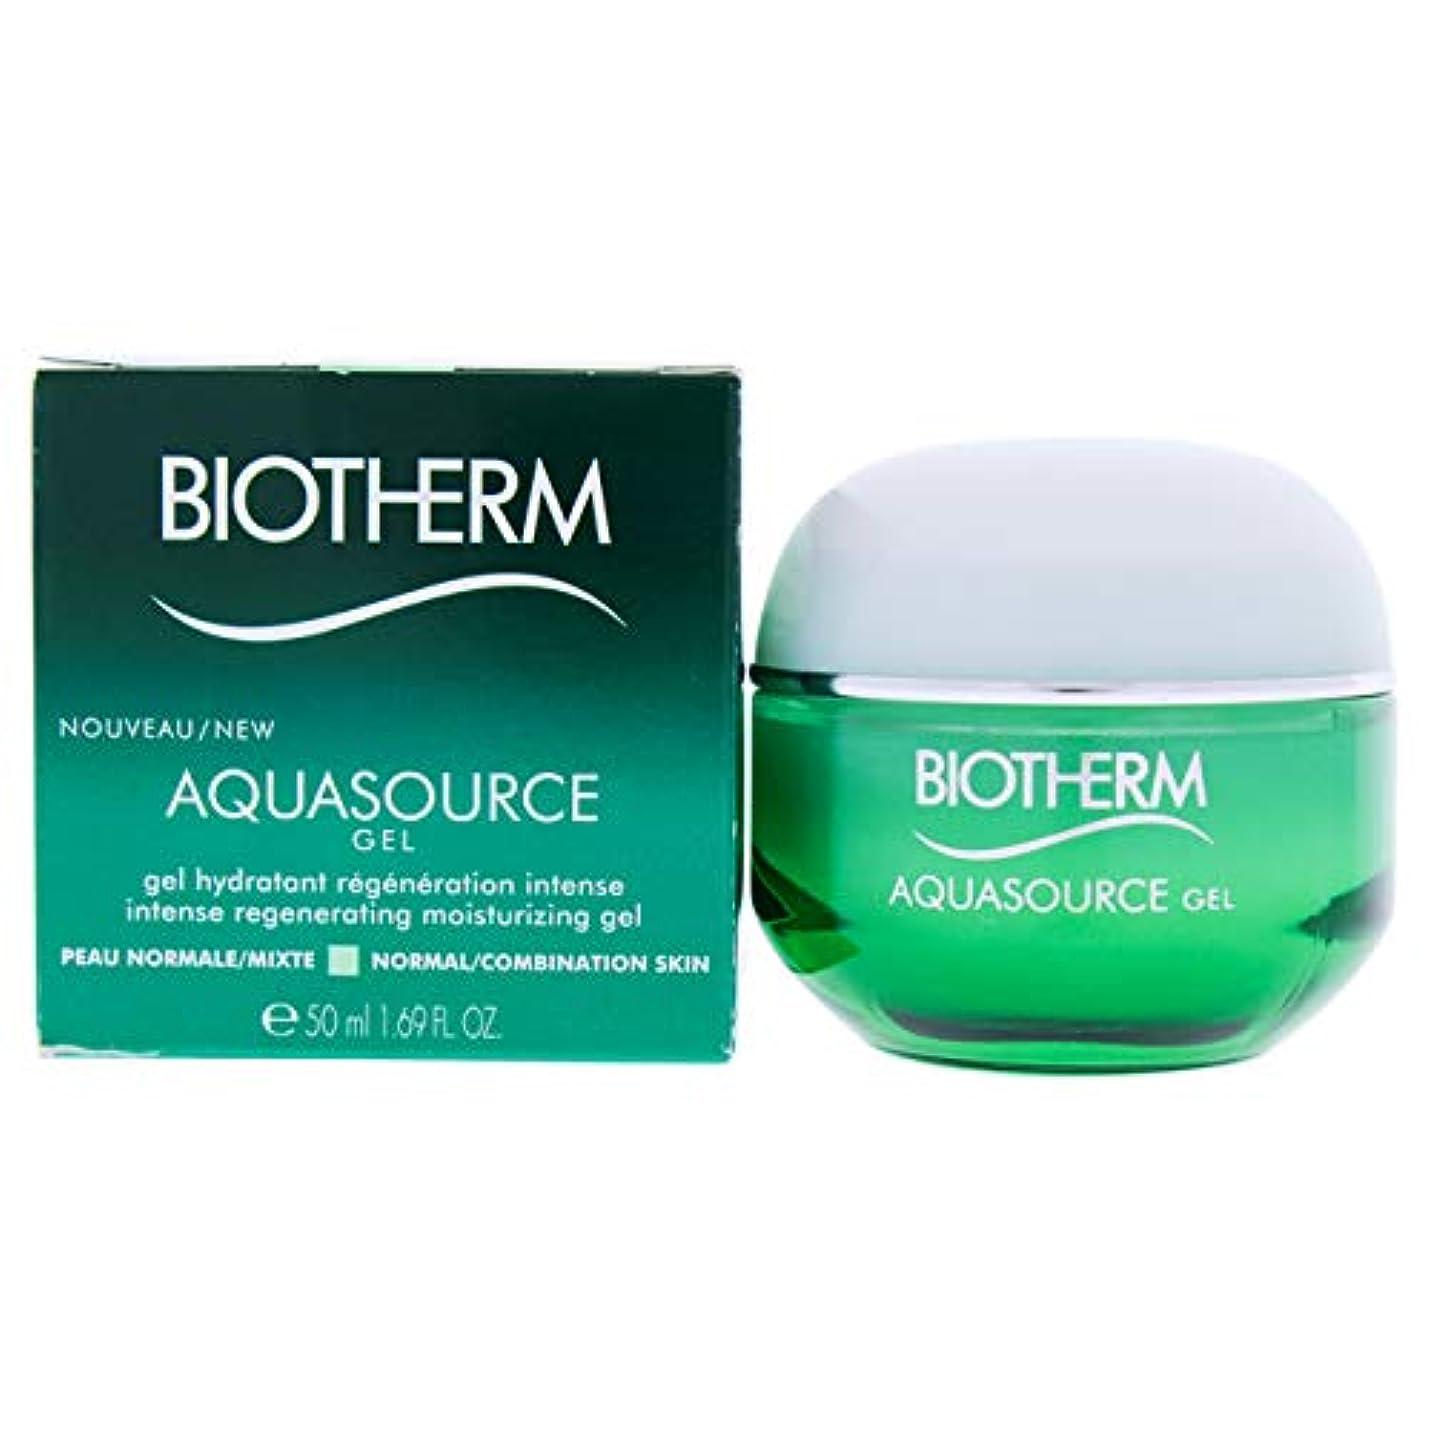 刃宝熱心ビオテルム Aquasource Gel Intense Regenerating Moisturizing Gel - For Normal/Combination Skin 50ml/1.69oz並行輸入品